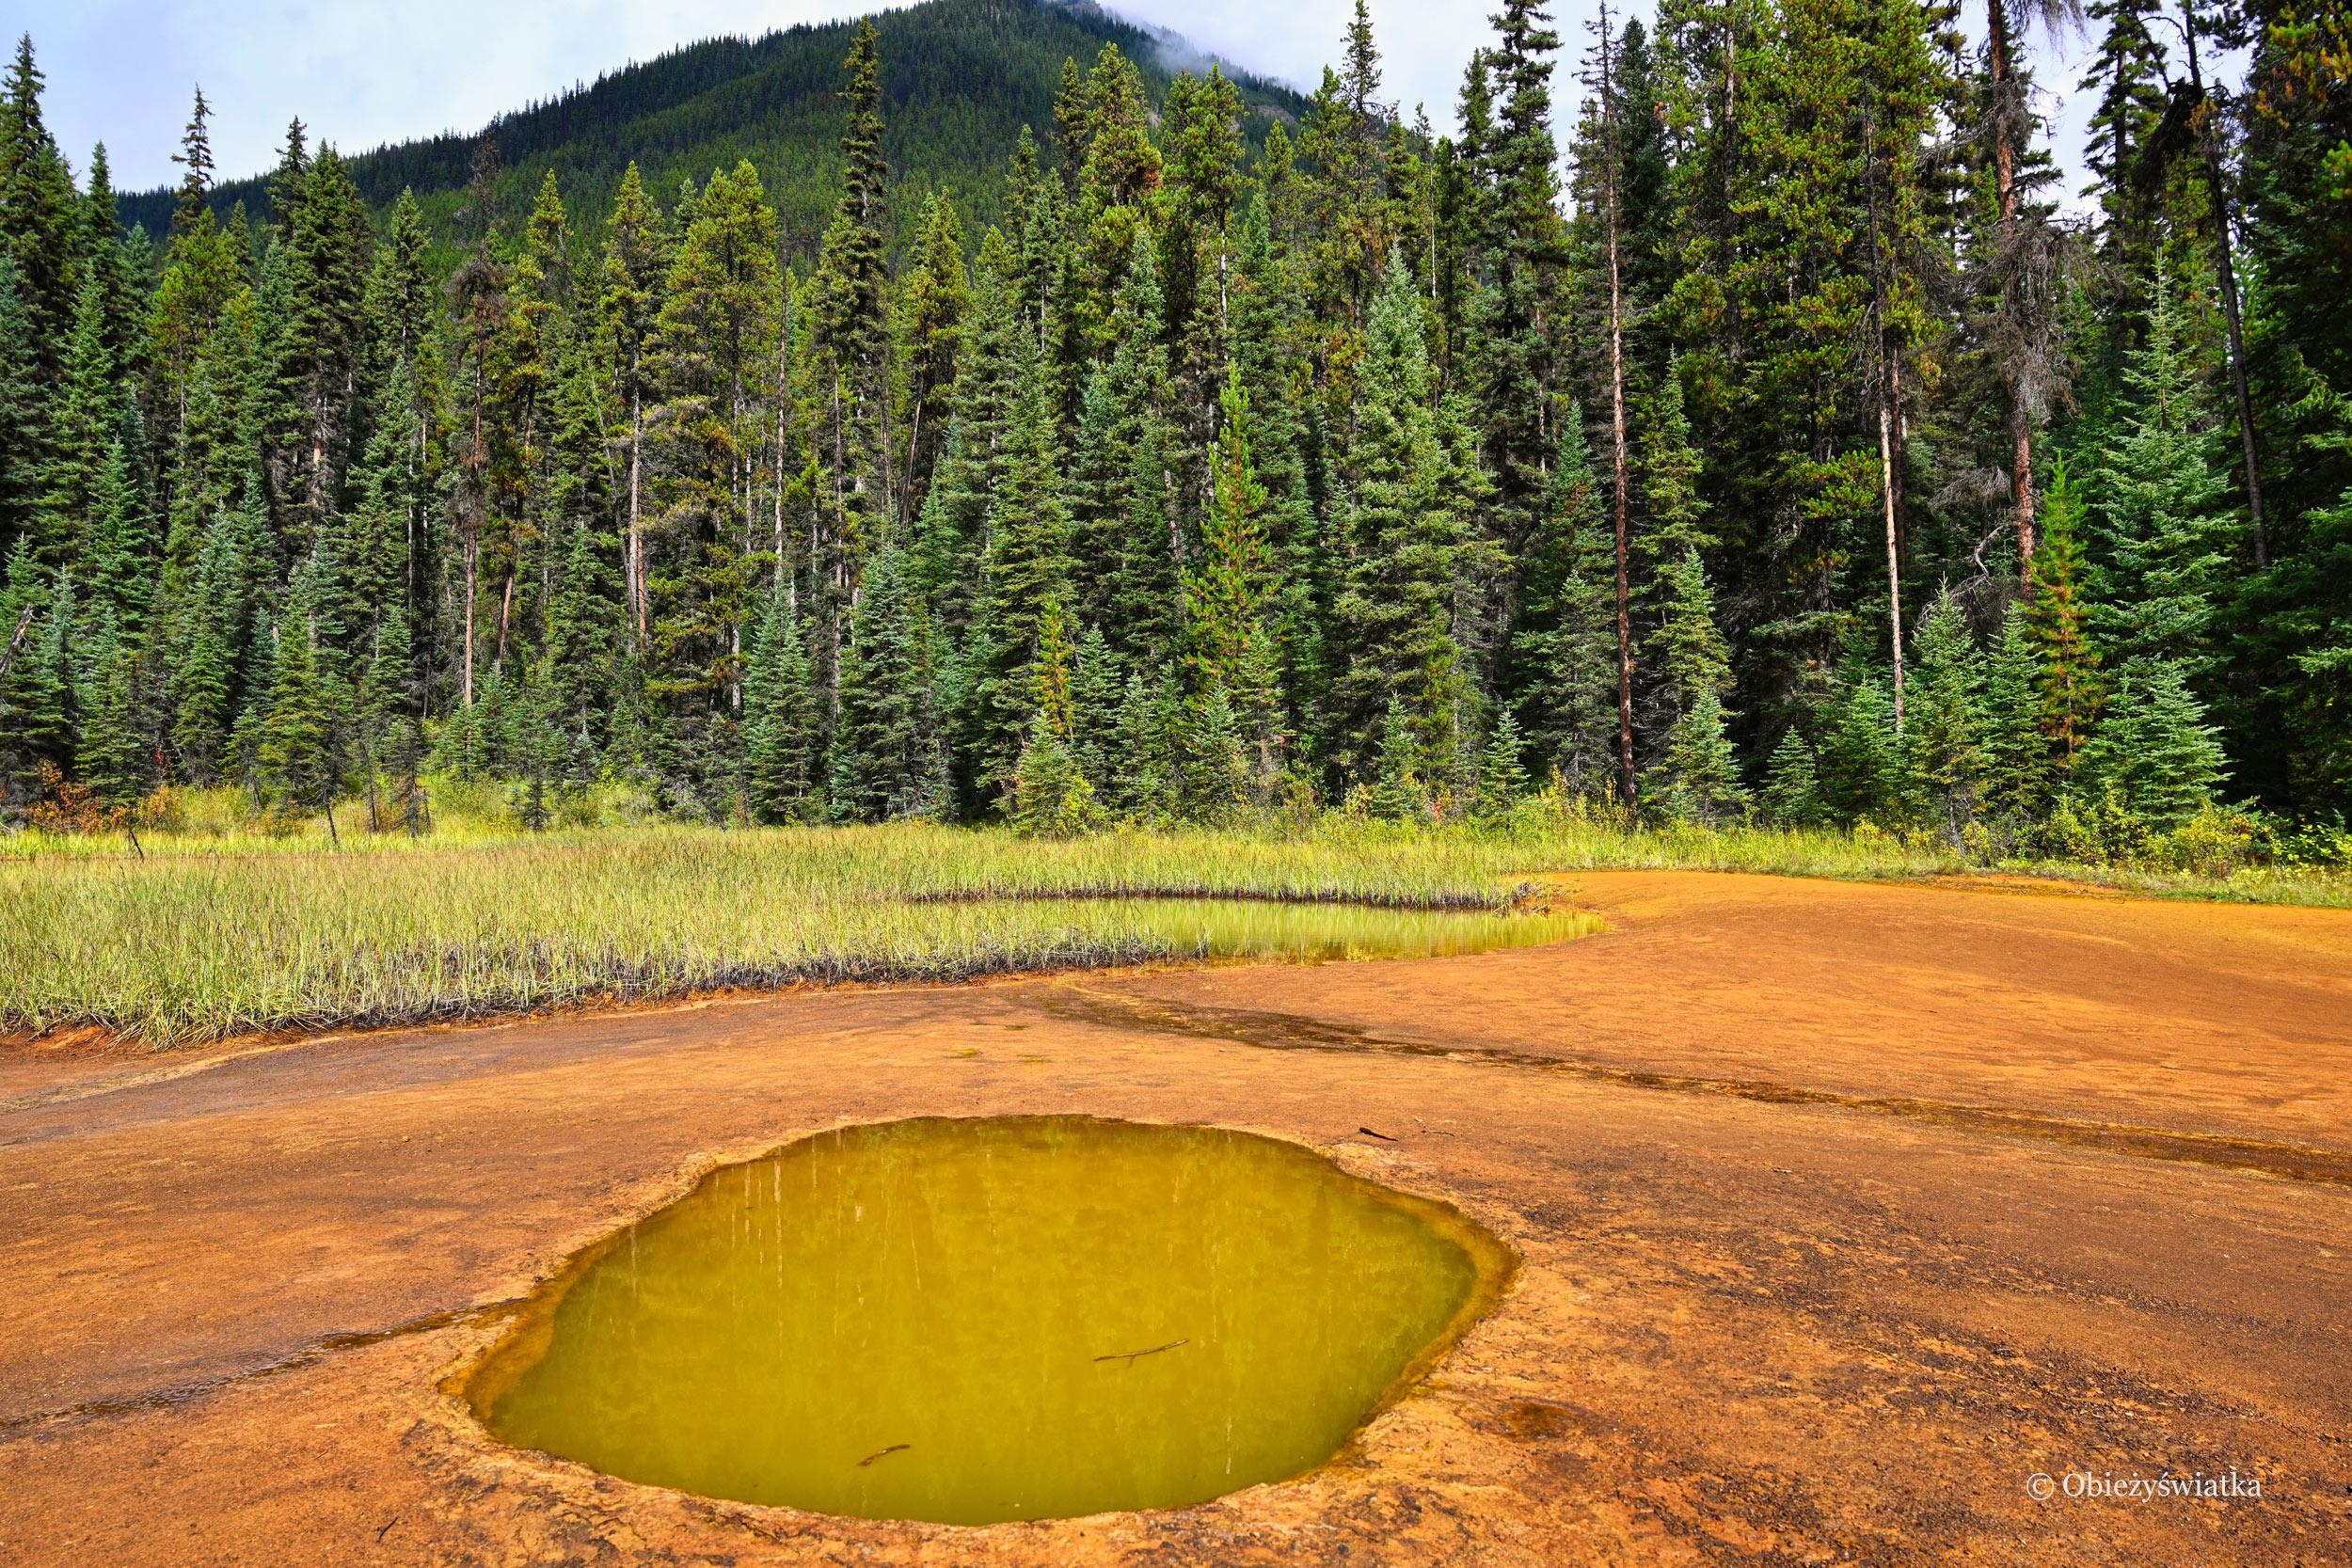 Oczko - Kolorowe jeziorka w Parku Narodowym Kootenay, Kanada